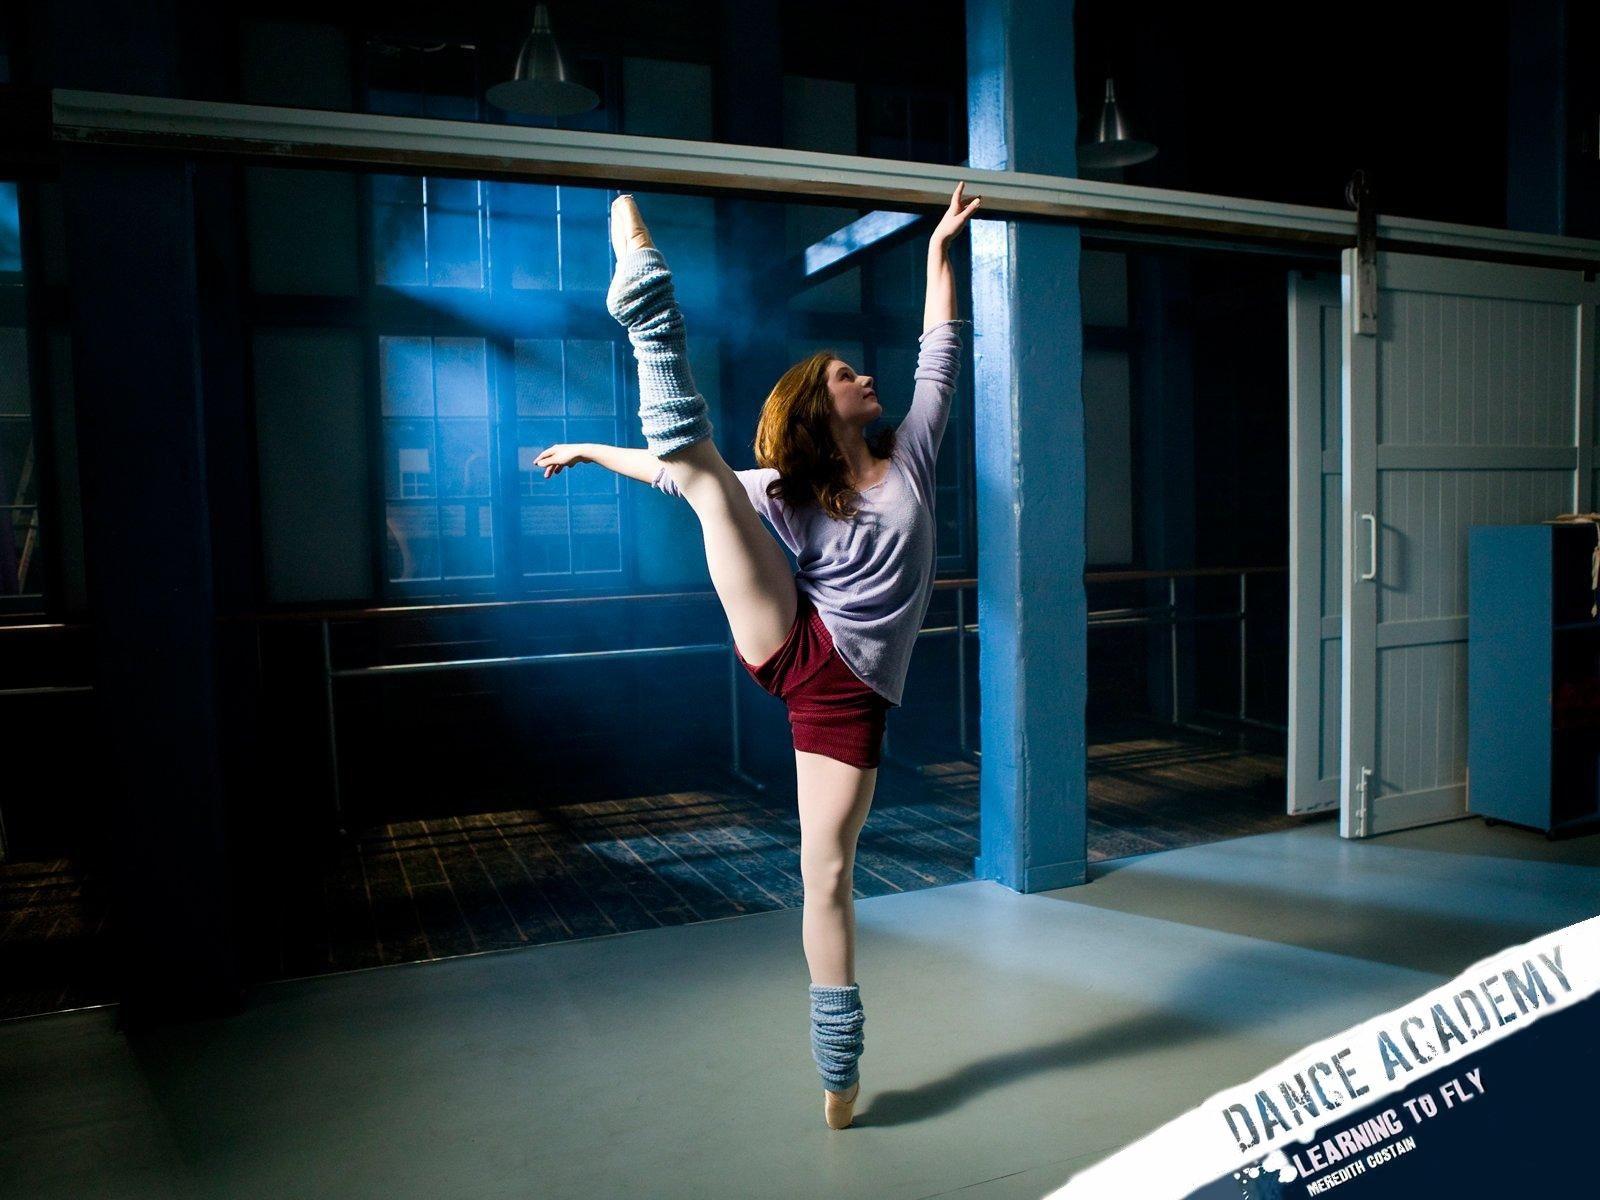 http://3.bp.blogspot.com/-f60ixoXbuBc/UDgtwrF-wlI/AAAAAAAAAIo/DkLapZ3dw8M/s1600/241908_akademiya-tanca_or_Dance-Academy_1600x1200_(www.GdeFon.ru).jpg